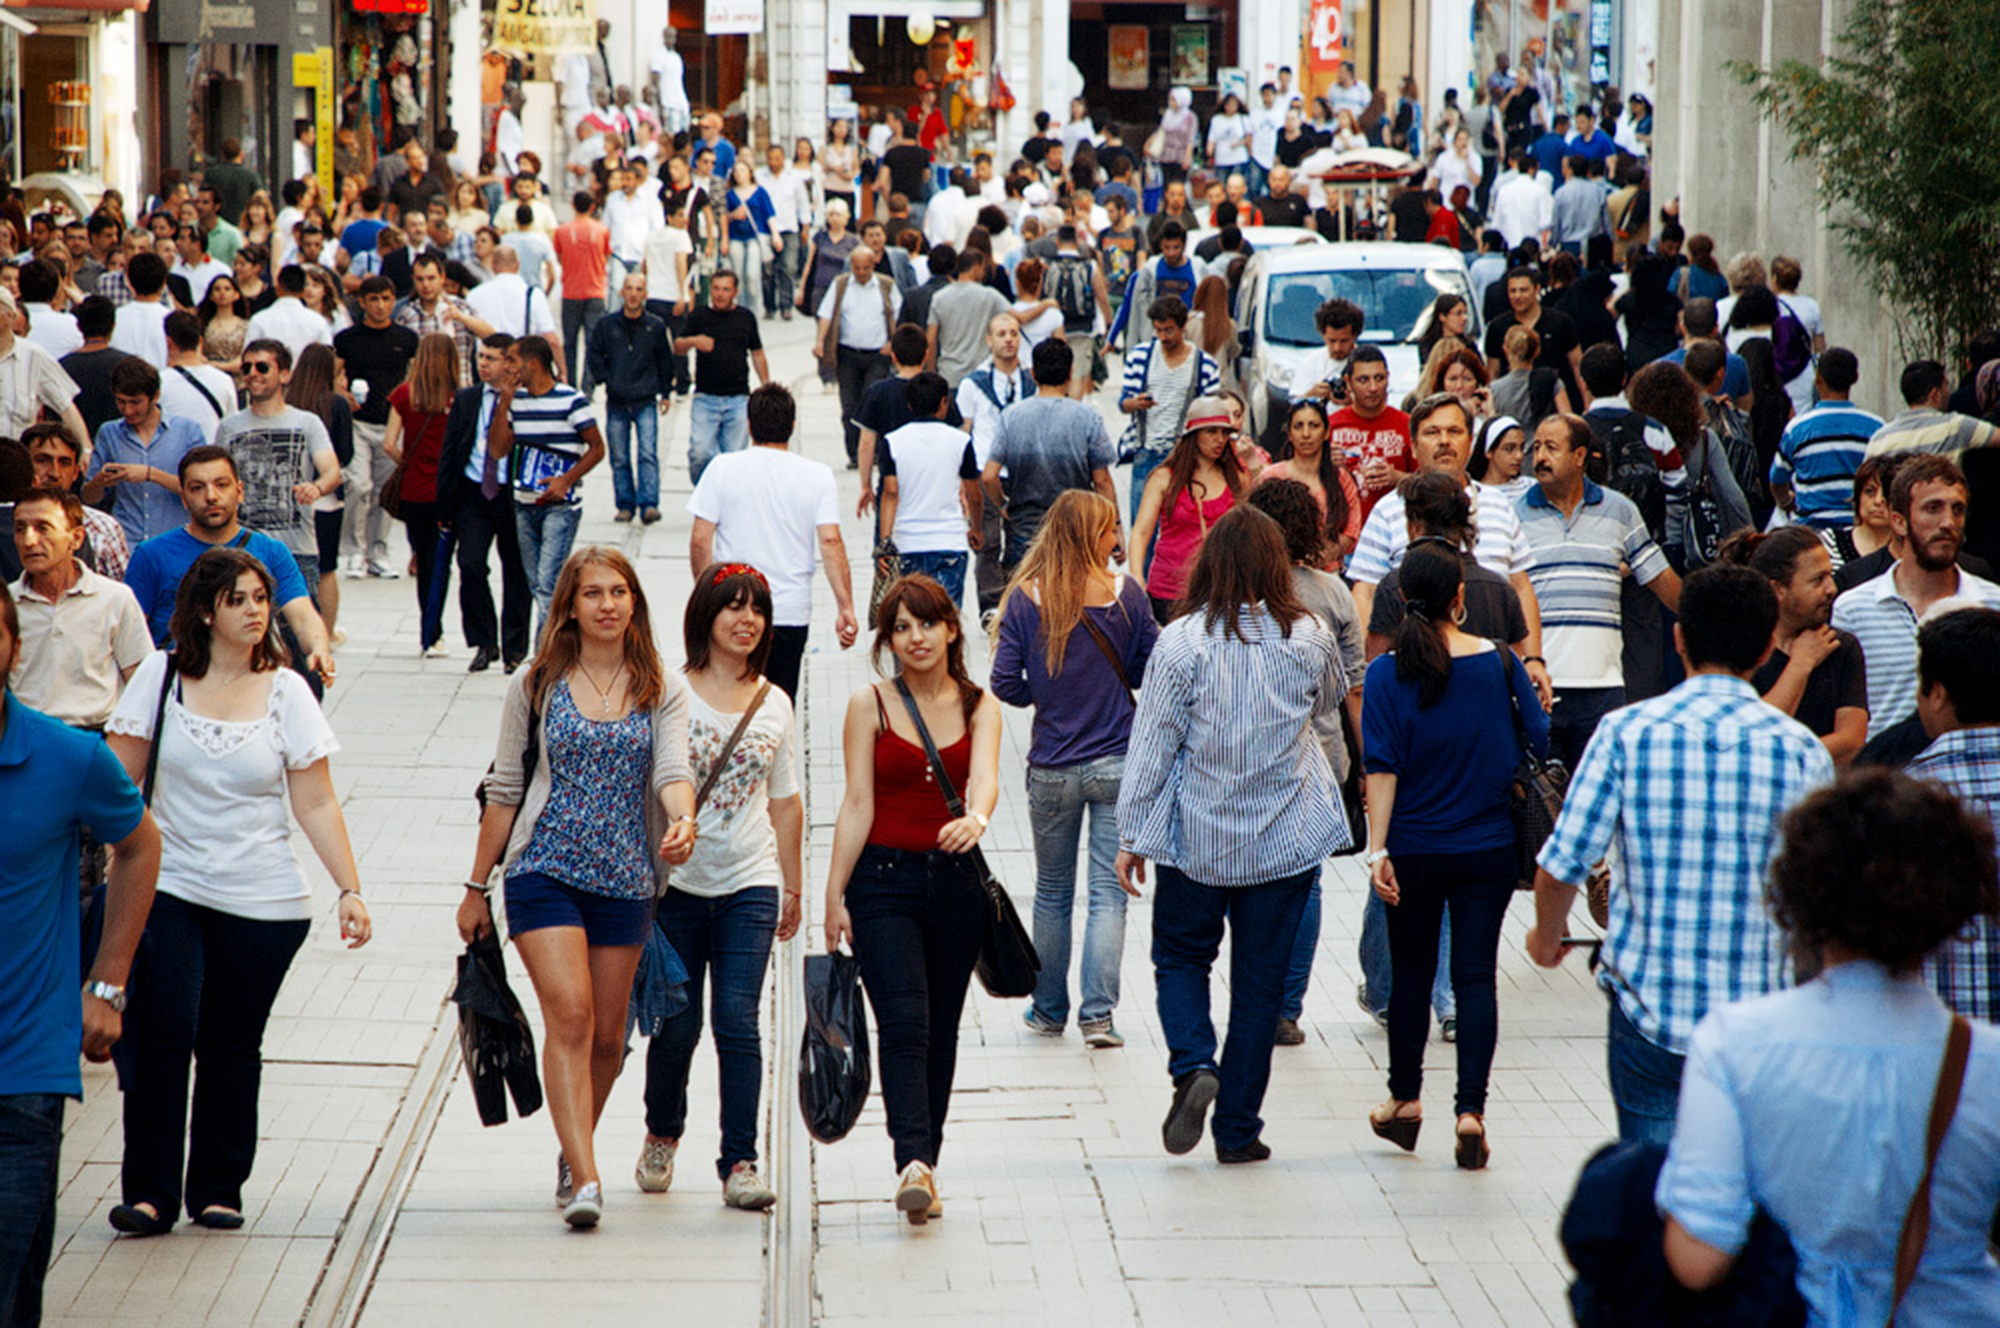 Толпой на улице, смотреть онлайн порнухи двигает попой